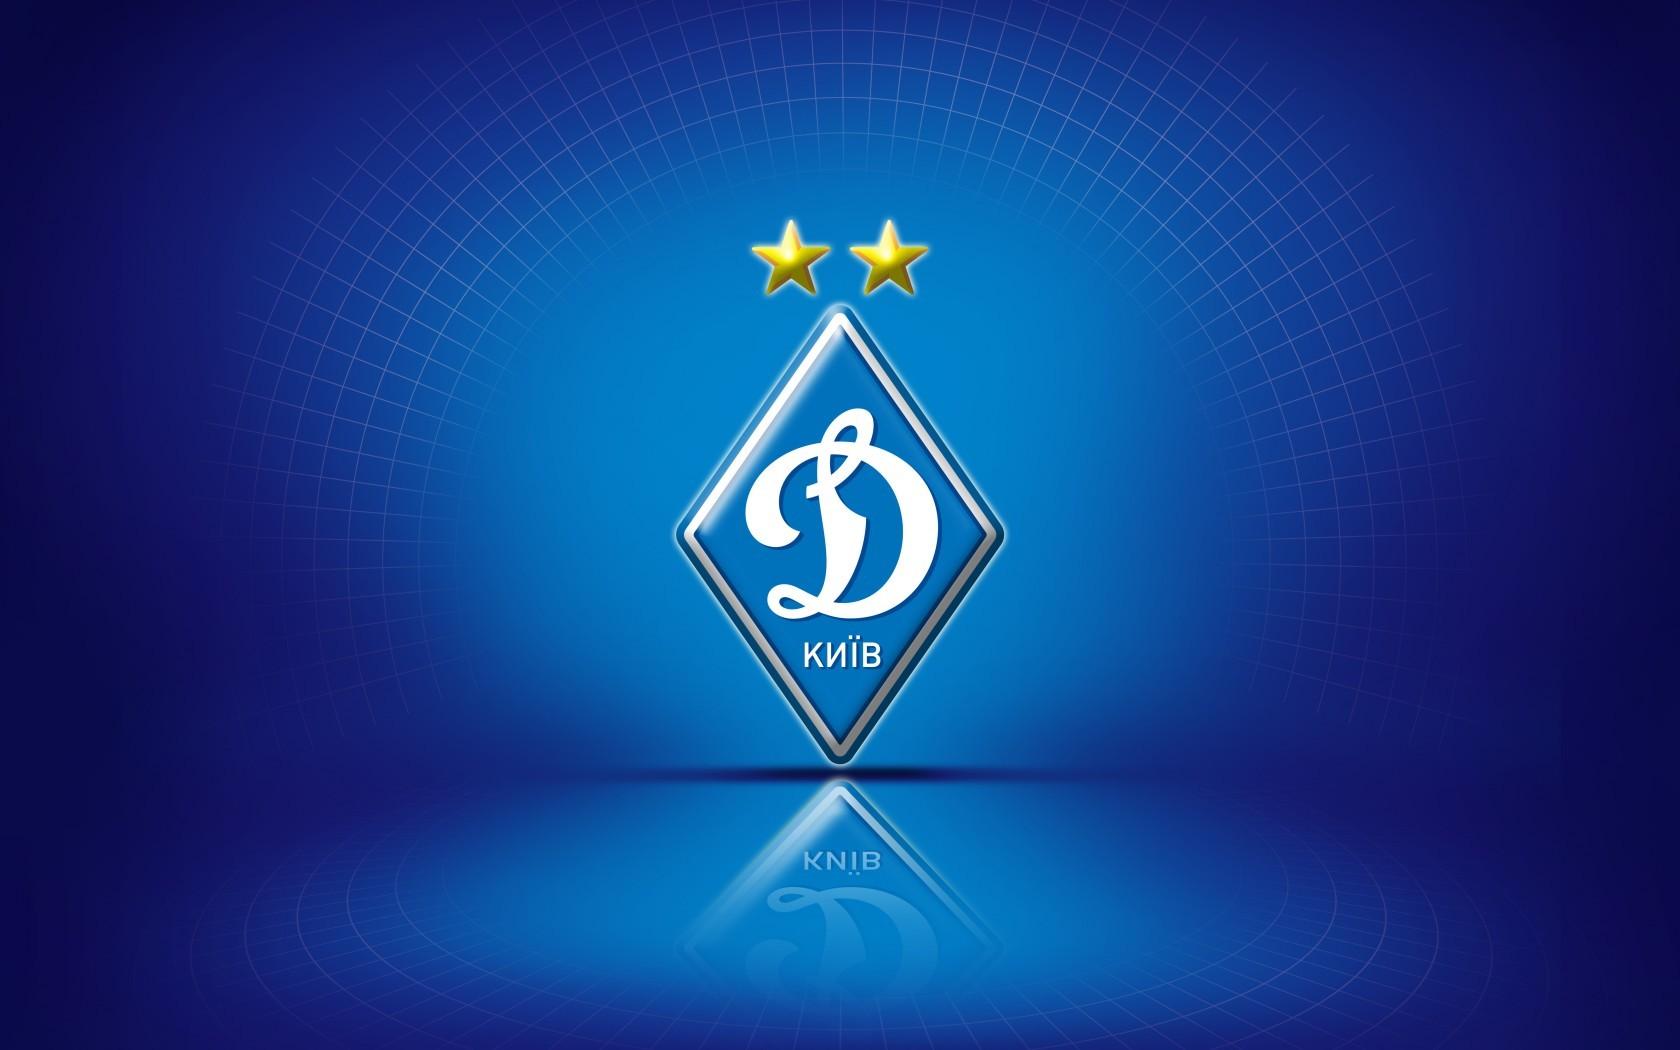 20087 Hintergrundbild herunterladen Sport, Hintergrund, Logos, Fußball, Dinamo - Bildschirmschoner und Bilder kostenlos